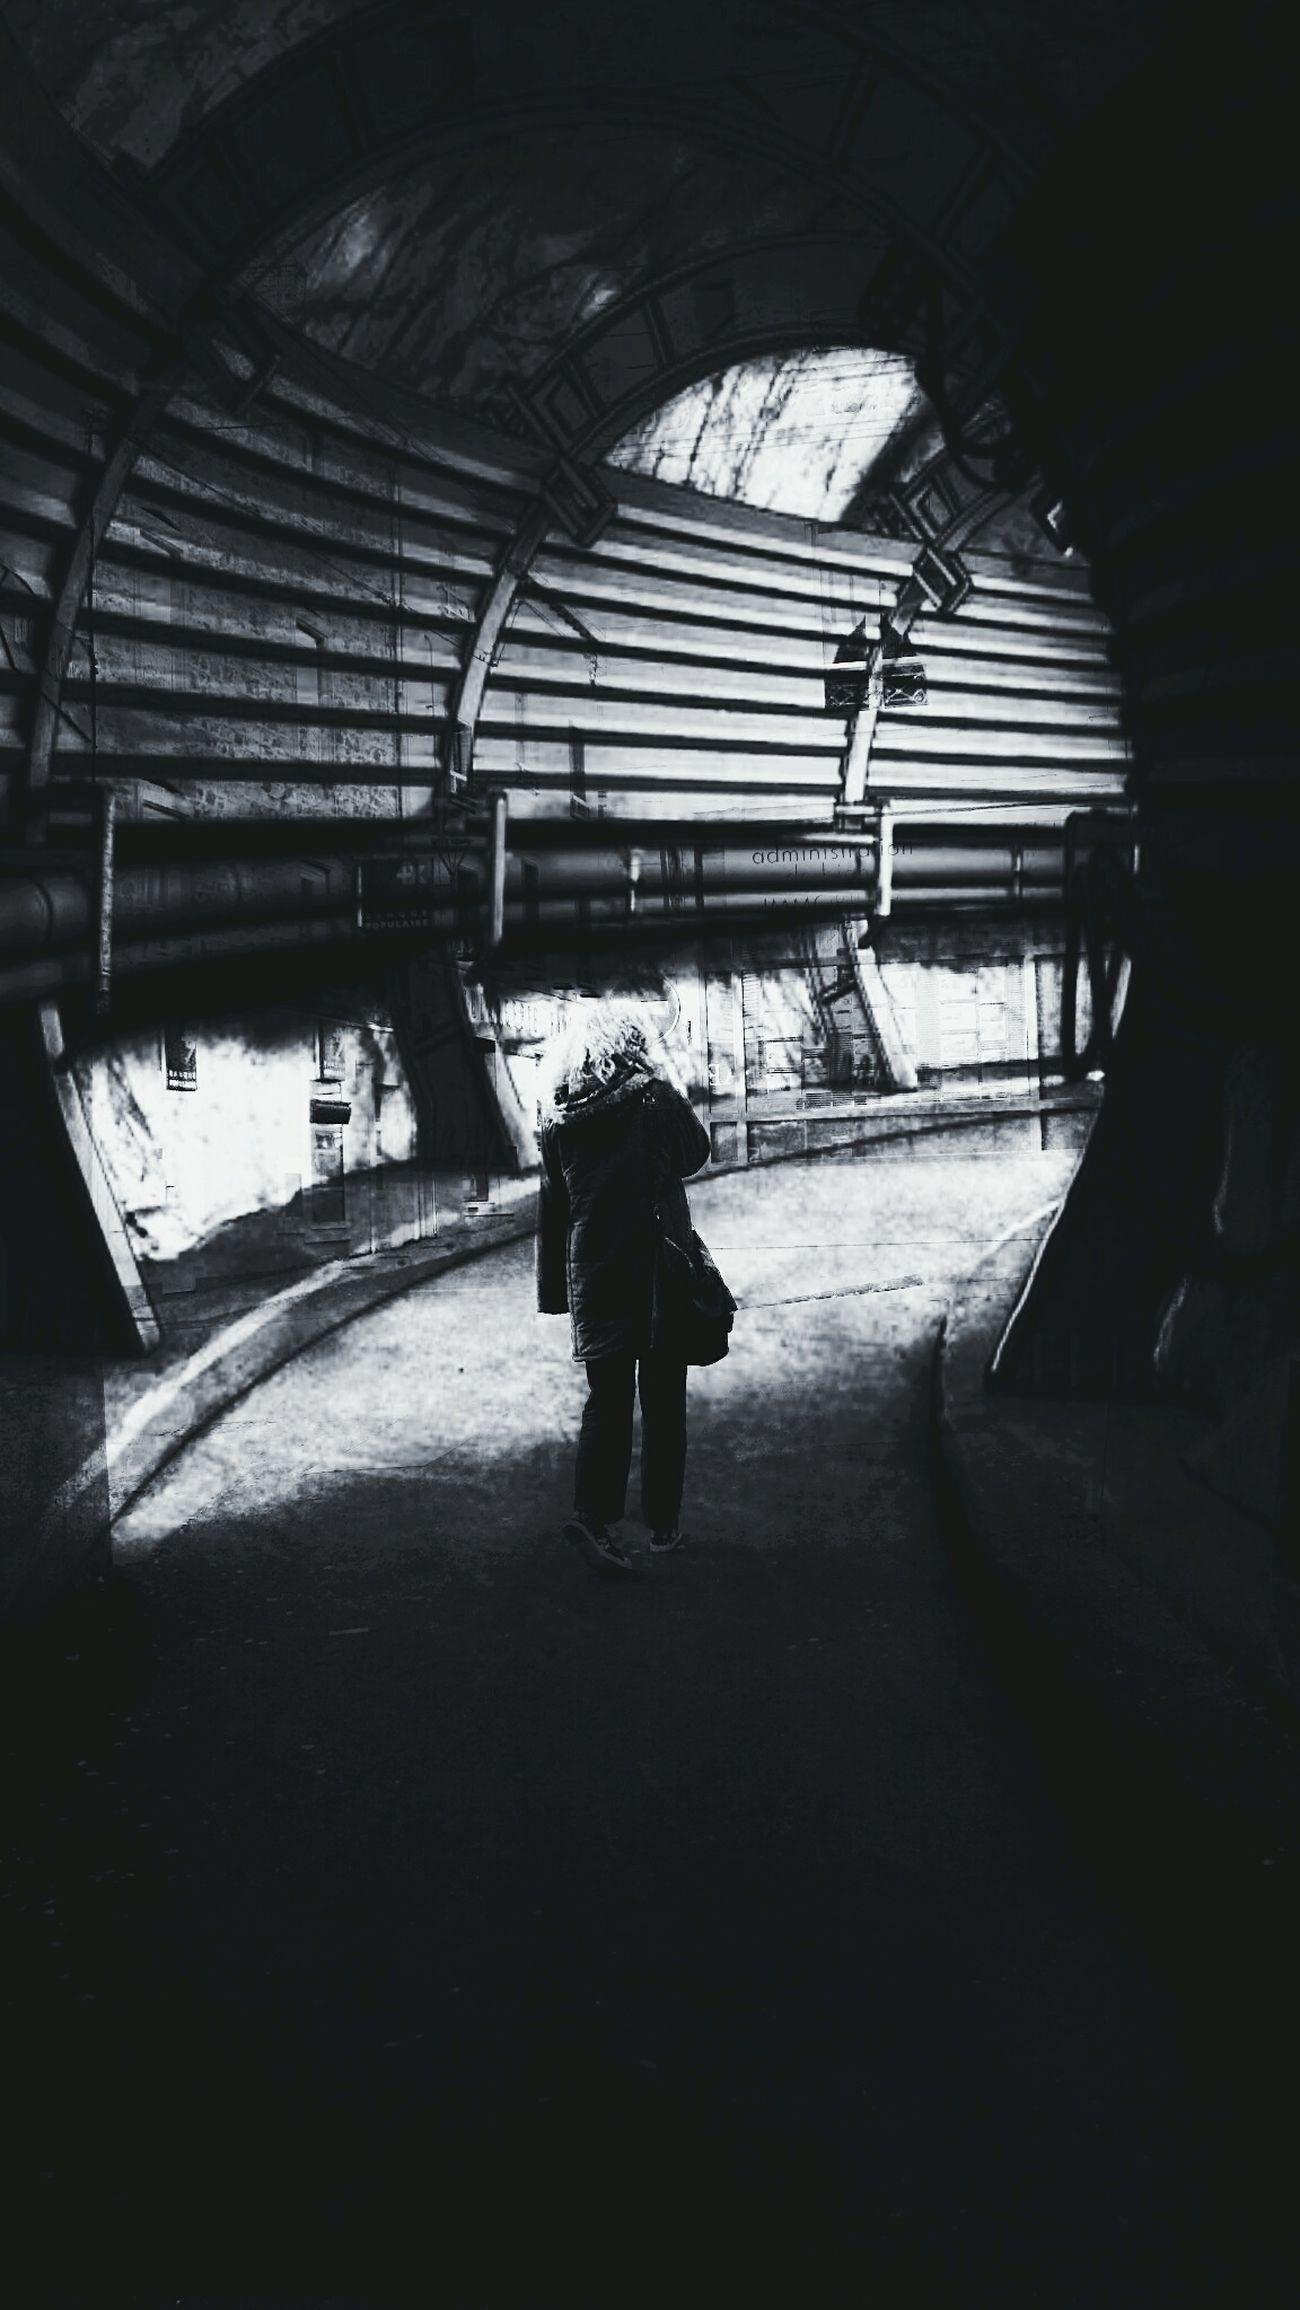 Freestyle Taking Photos Science Fiction Open Edit Monochrome Entre Ombre Et Lumiere EyeEm Best Shots